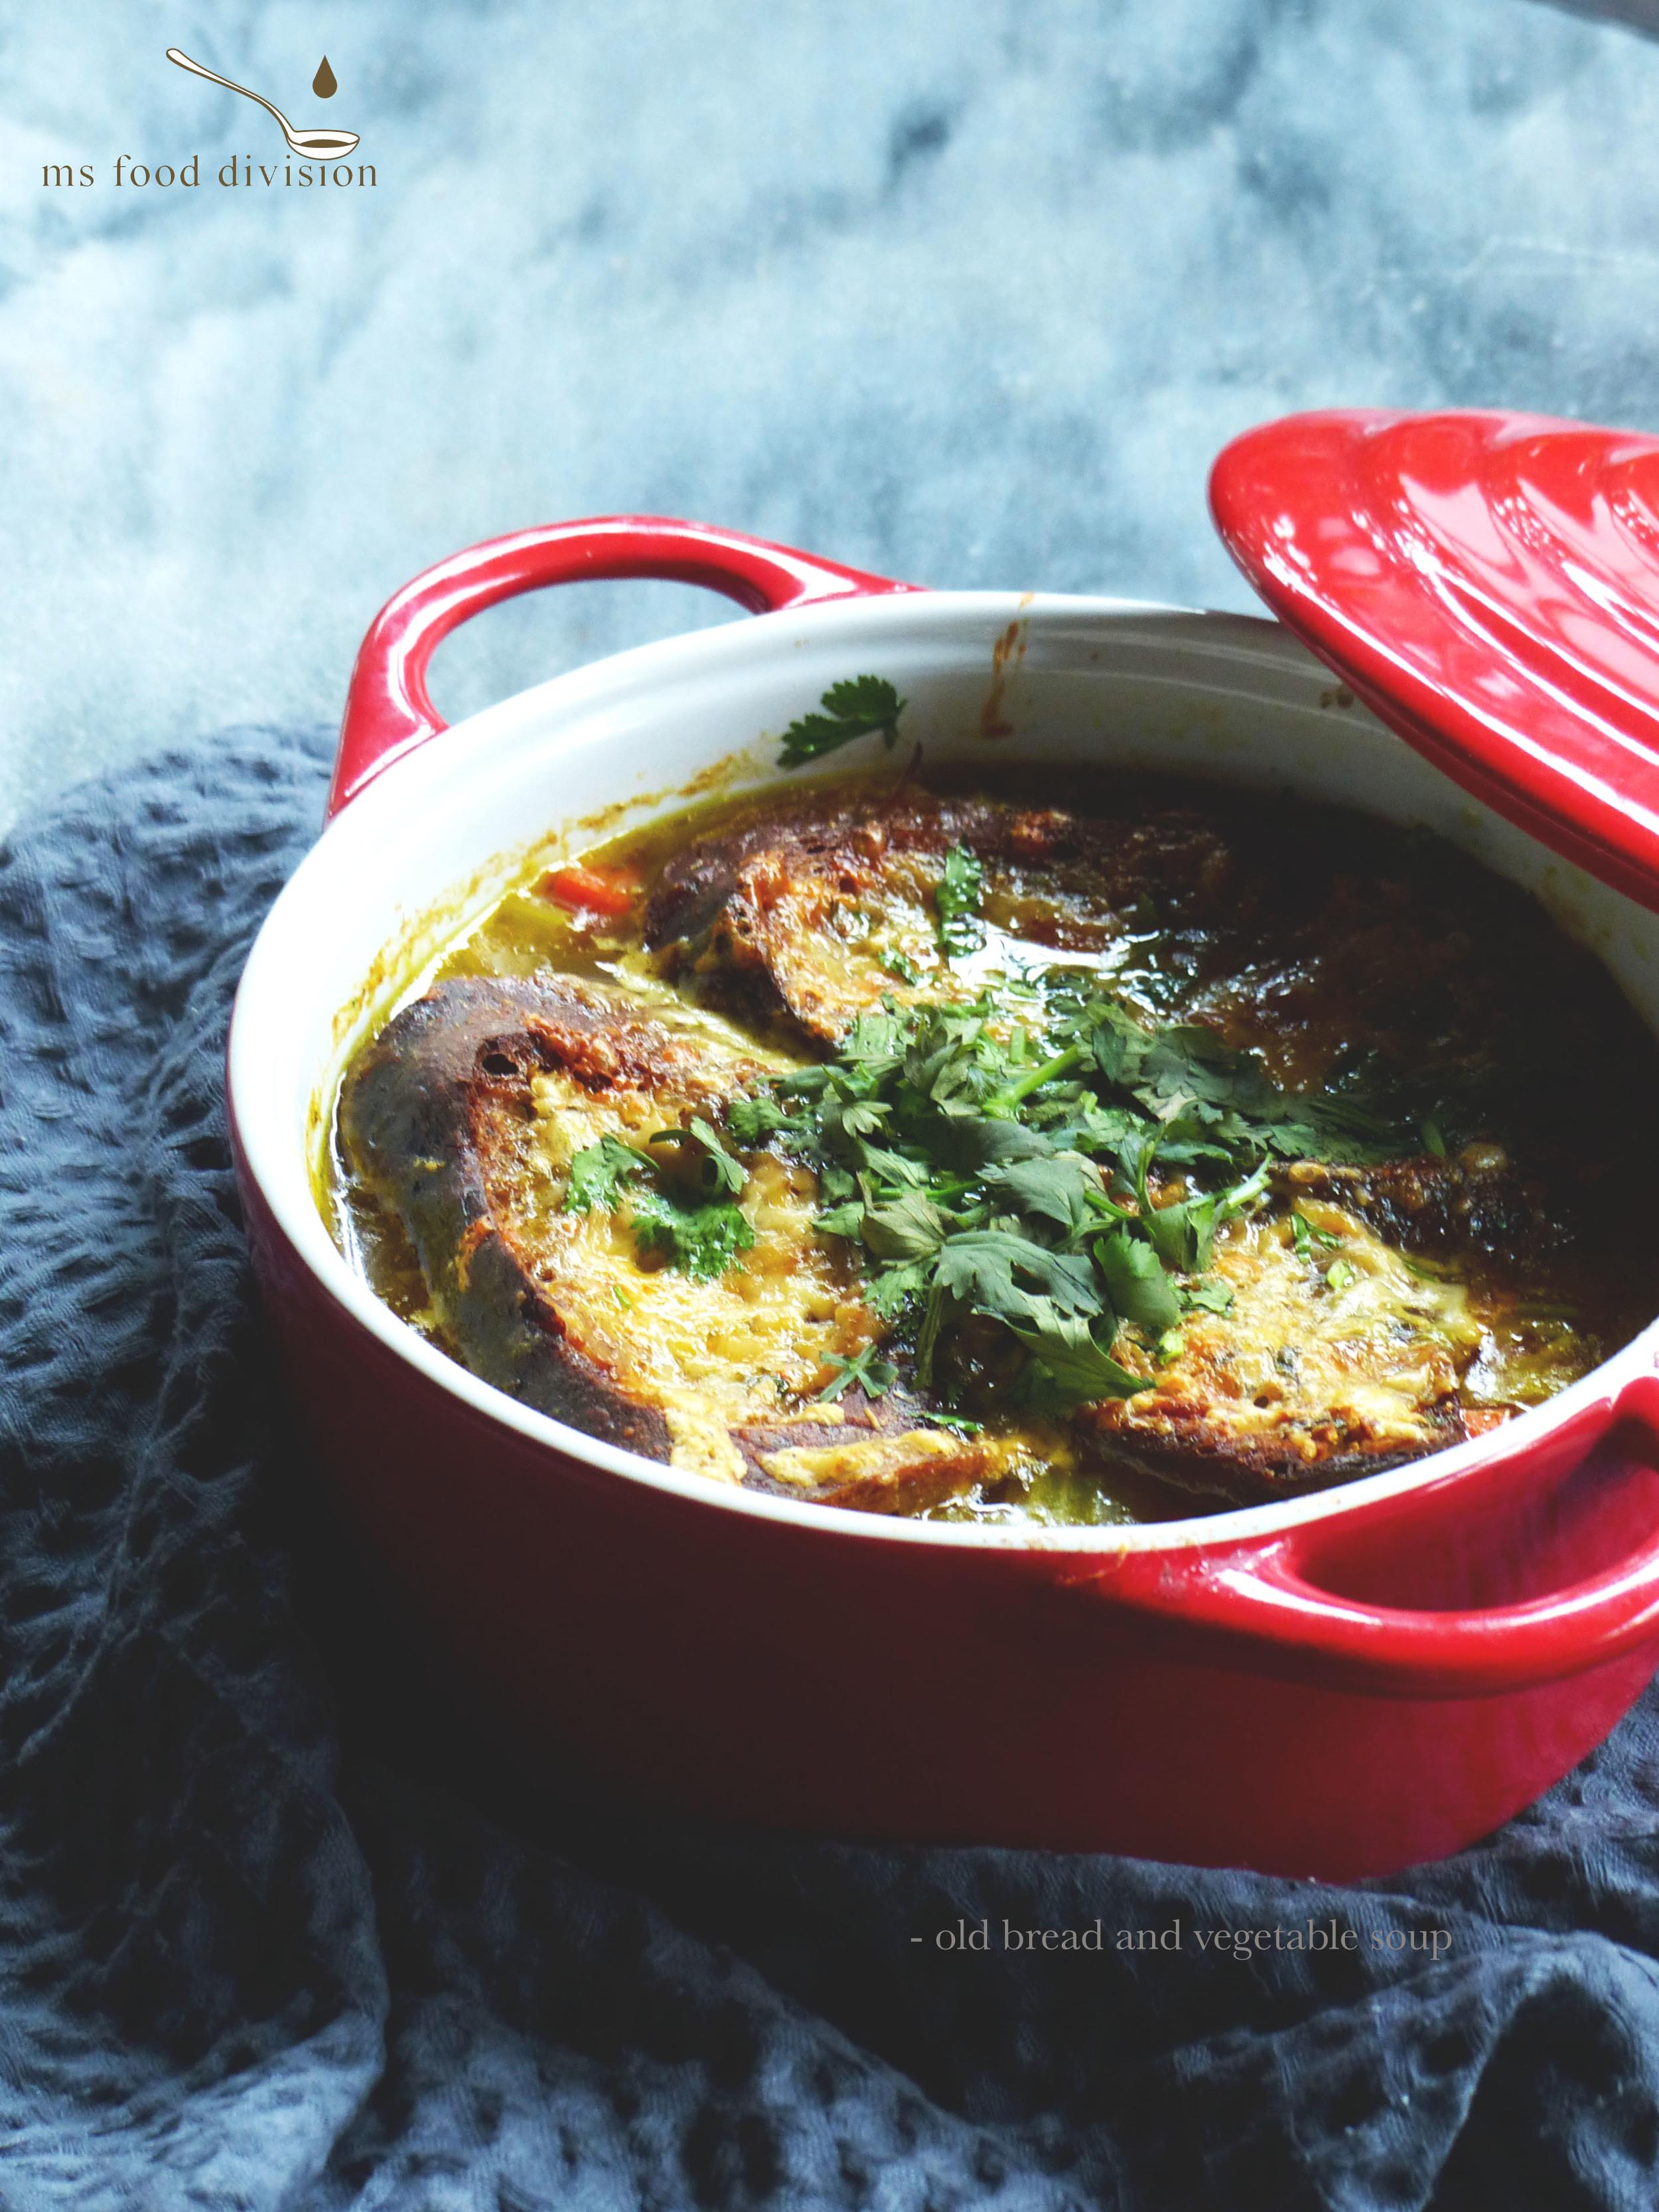 old bread soup.jpg